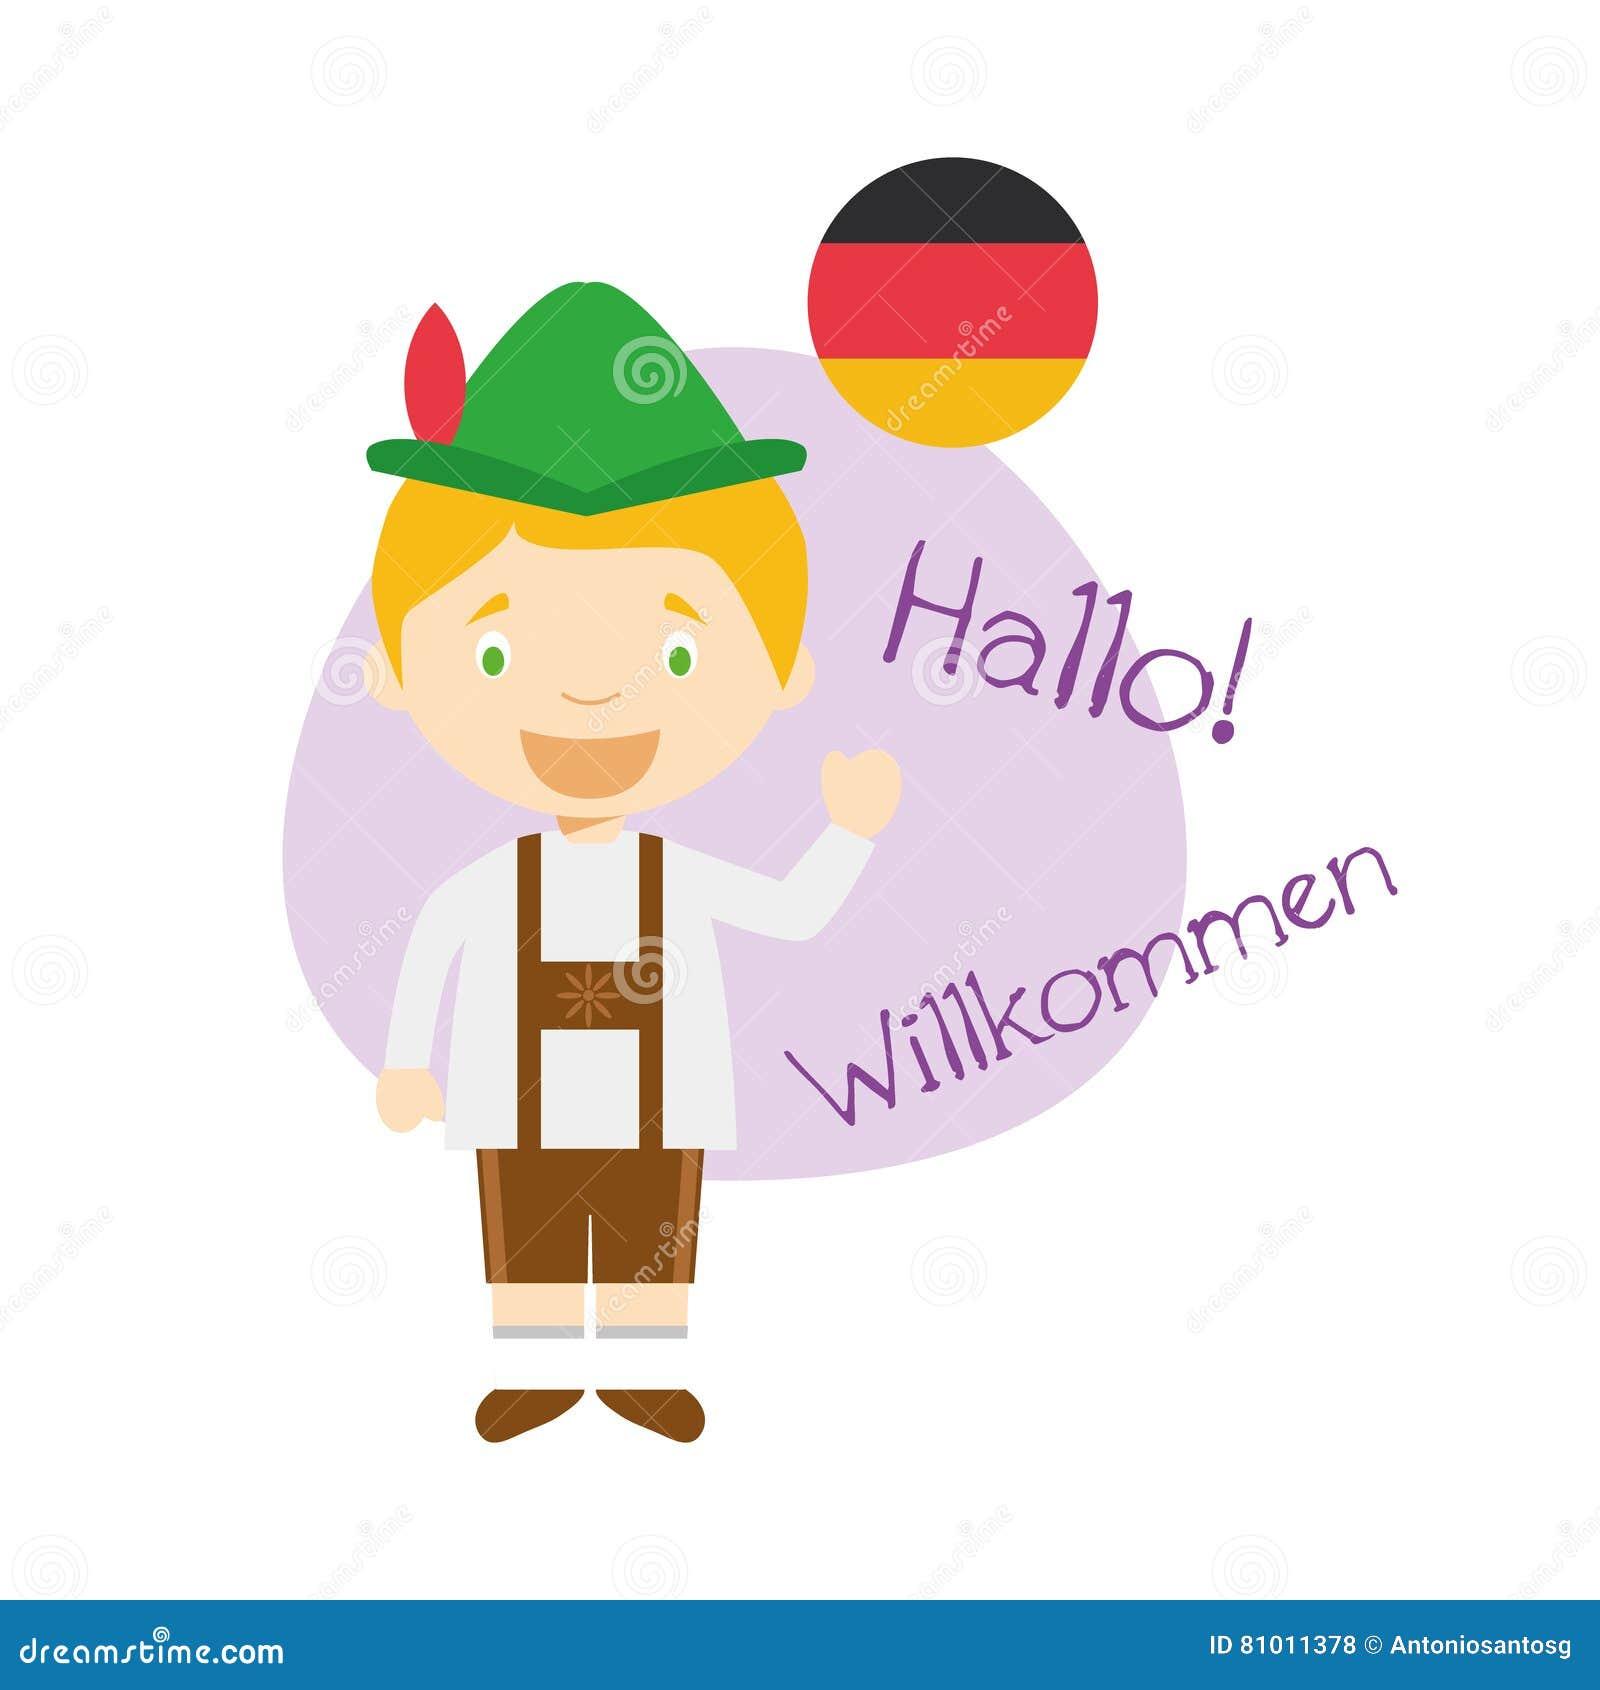 Hello Englisch Deutsch Pons